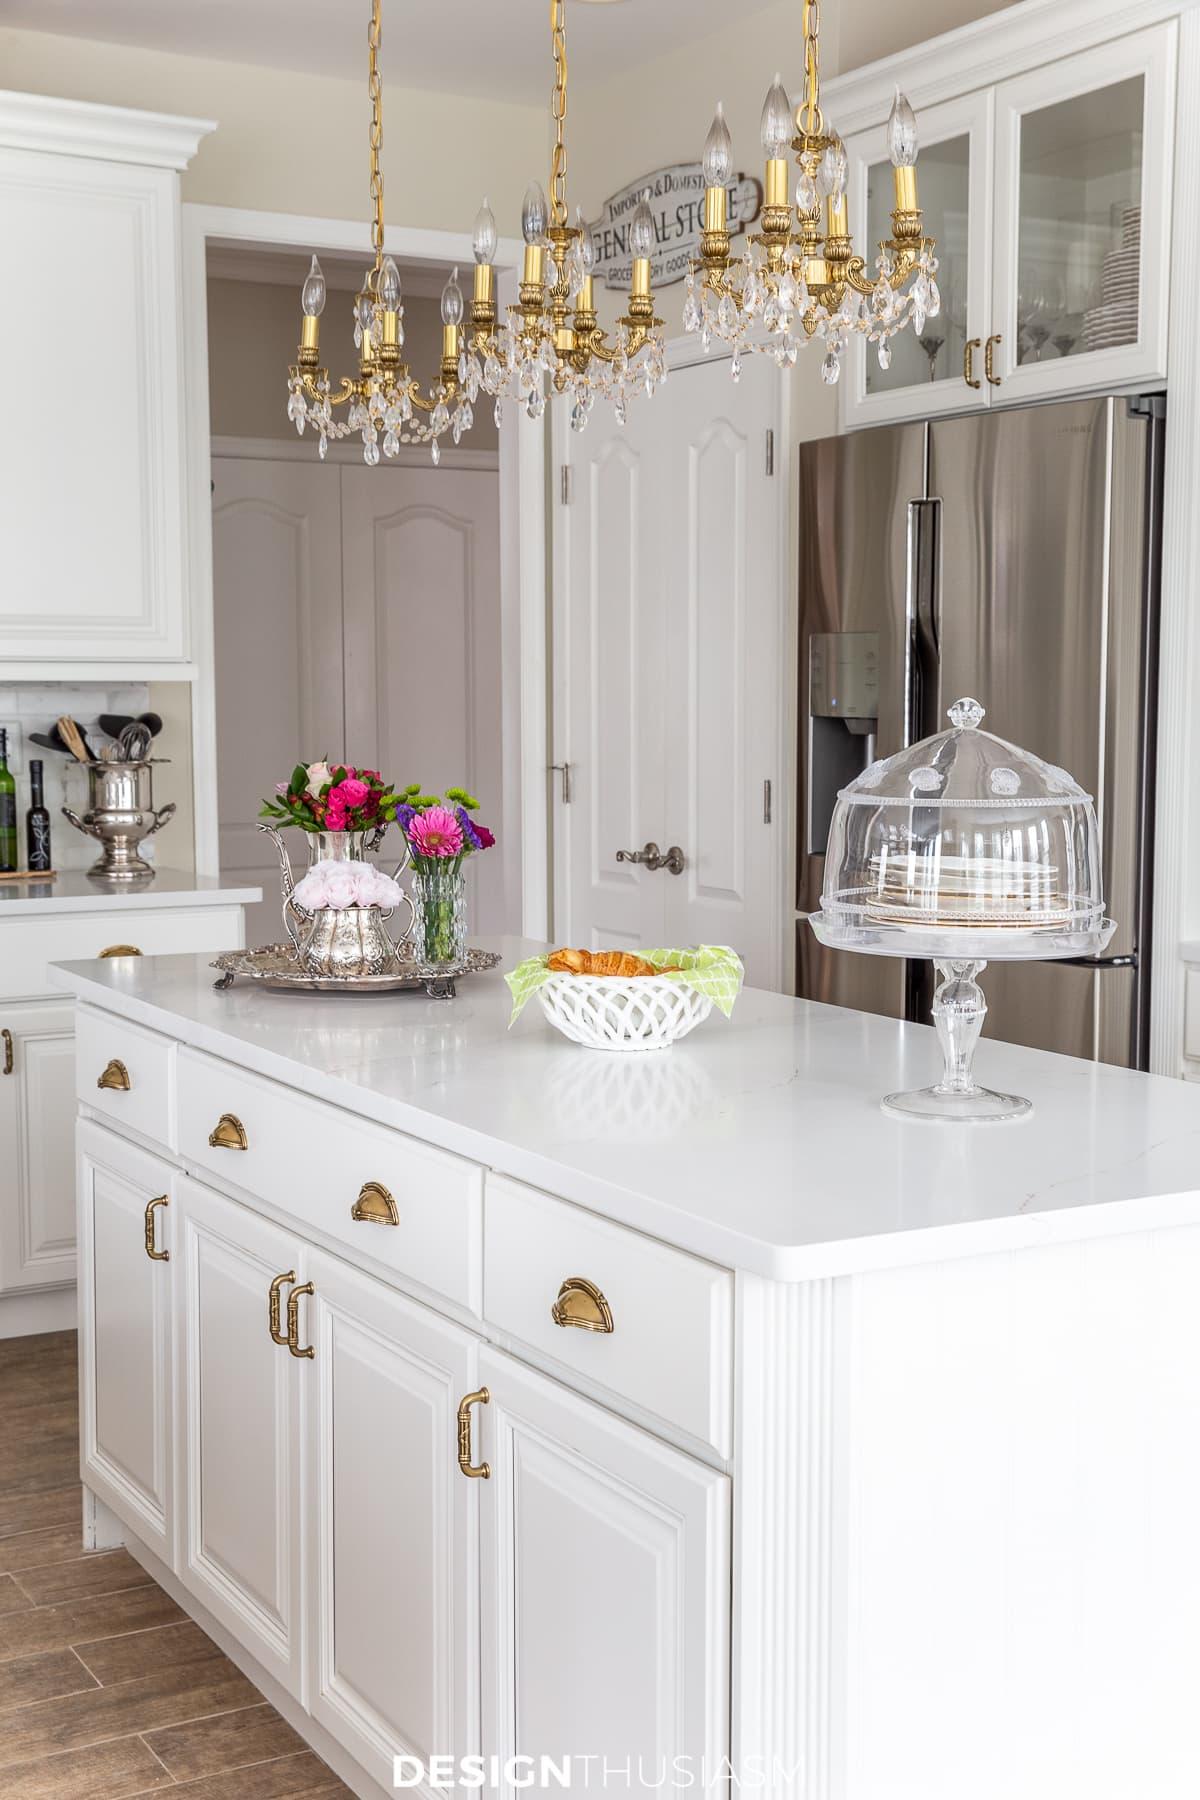 Bancadas de quartzo branco na ilha da cozinha